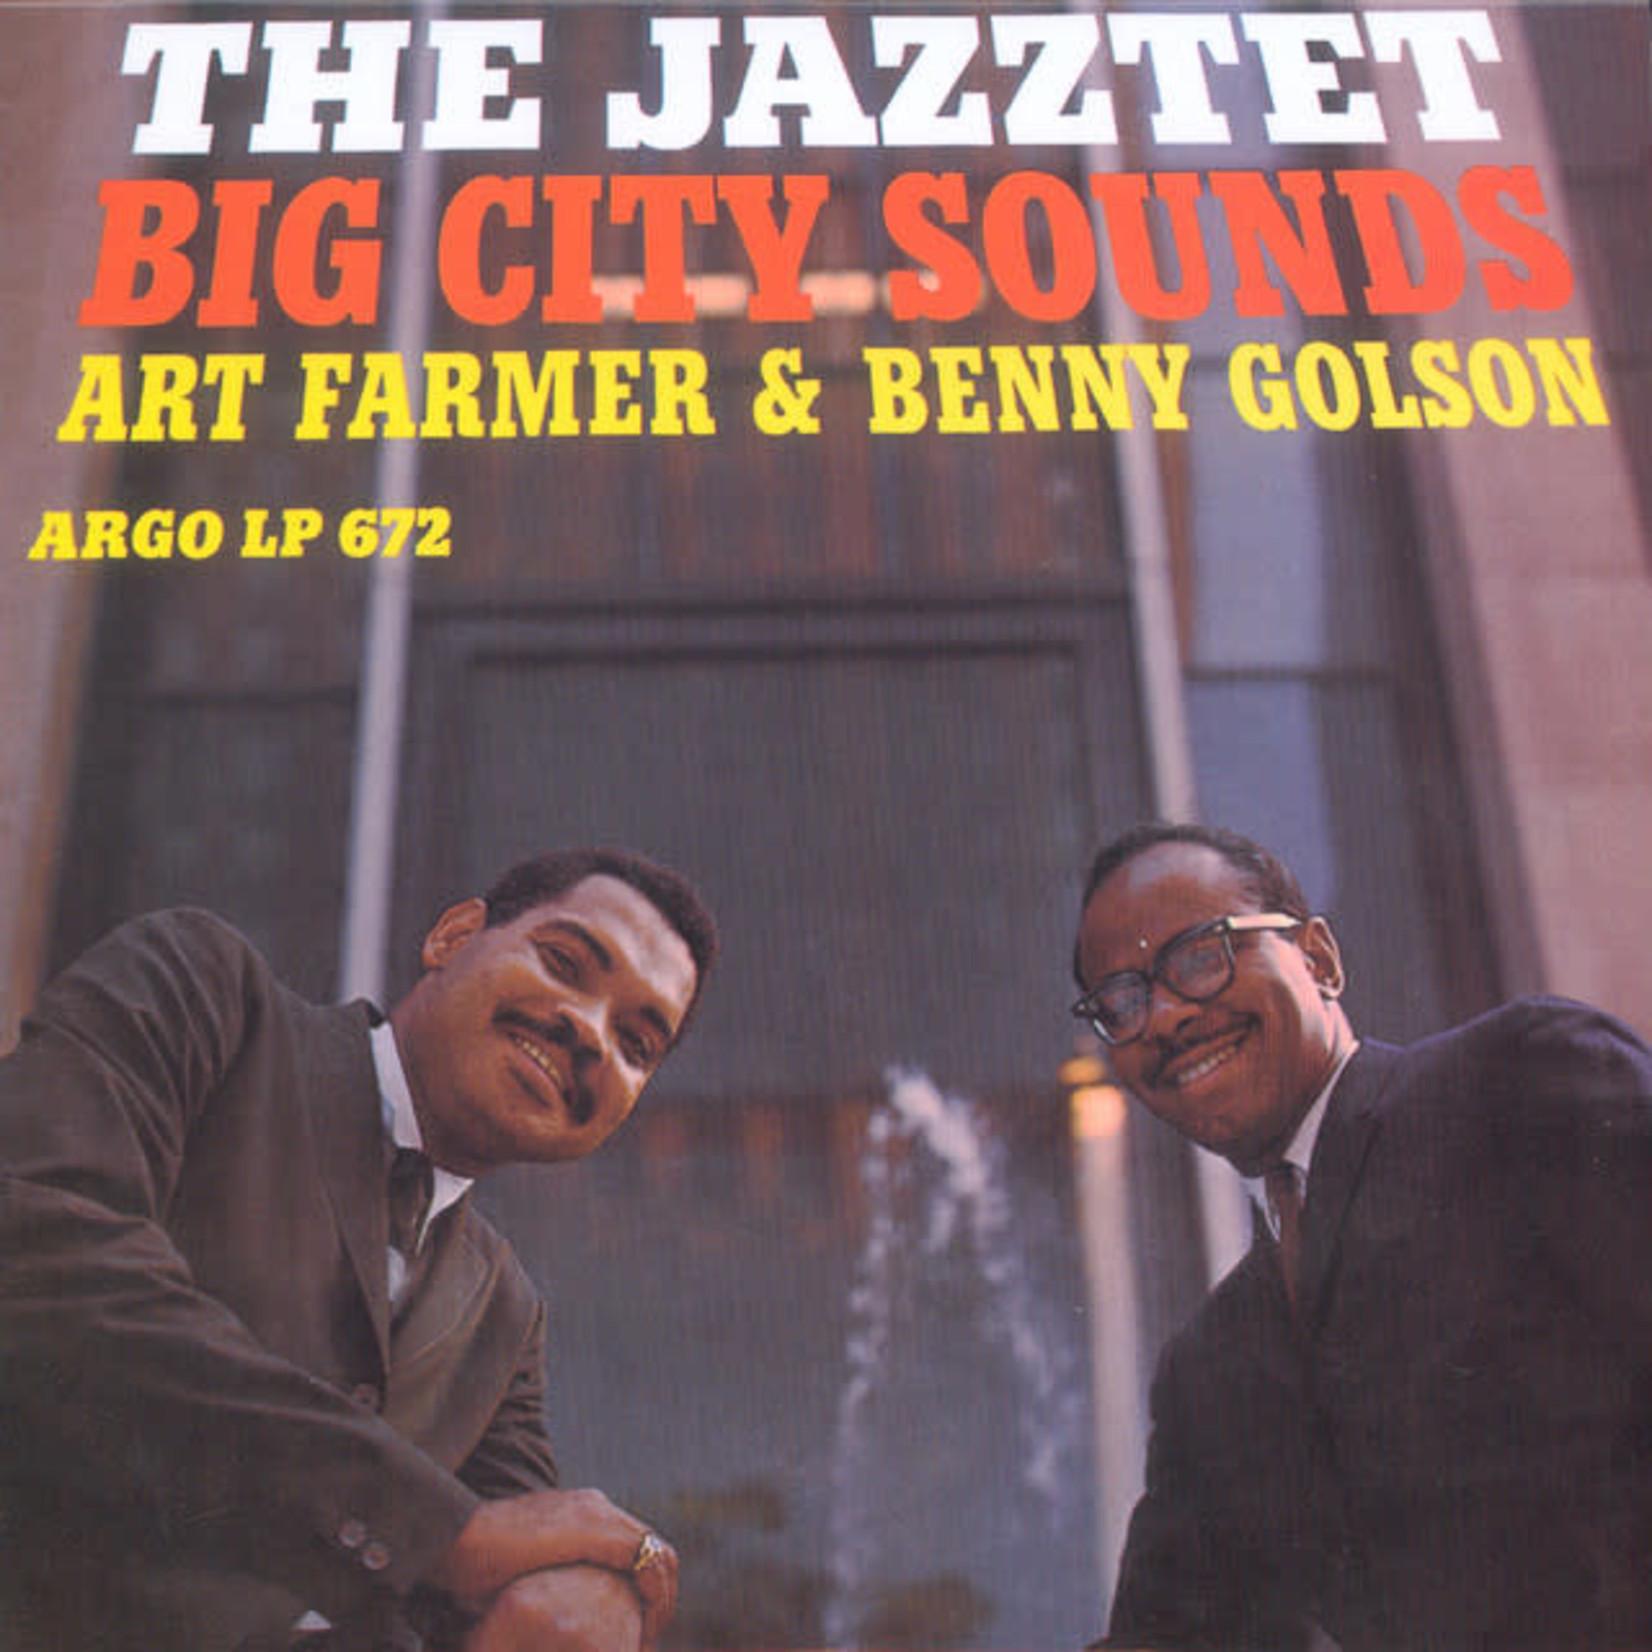 Vinyl Art Farmer & Benny Golson - The Jazztet Big City Sound.   $$